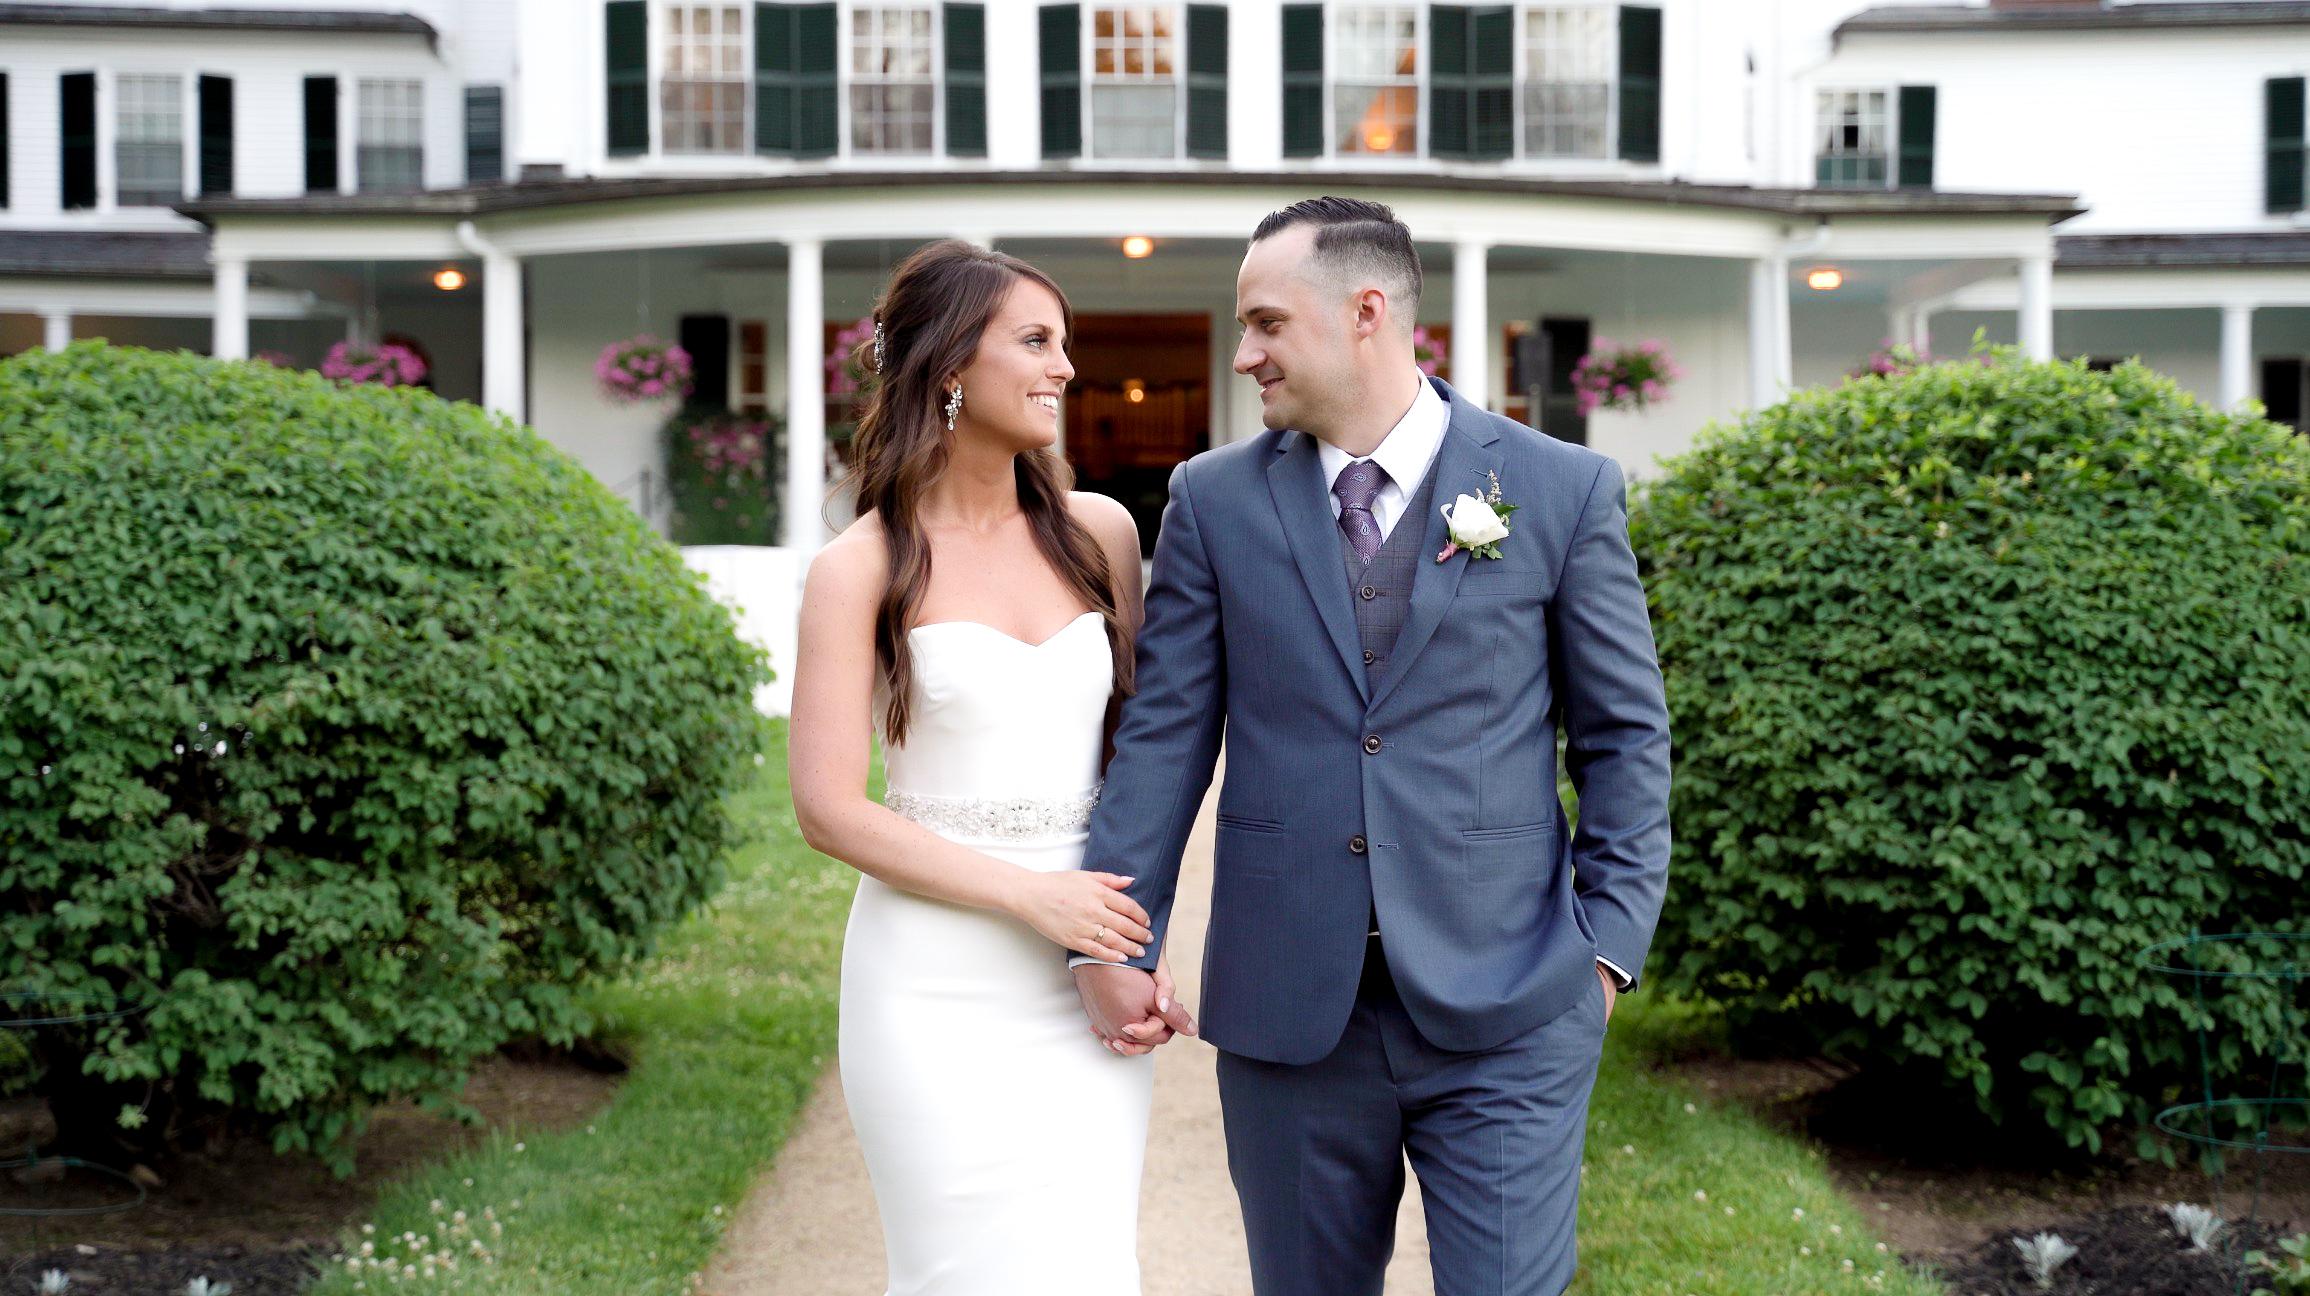 Kate + Bill | Danvers, Massachusetts | Glen Magna Farms